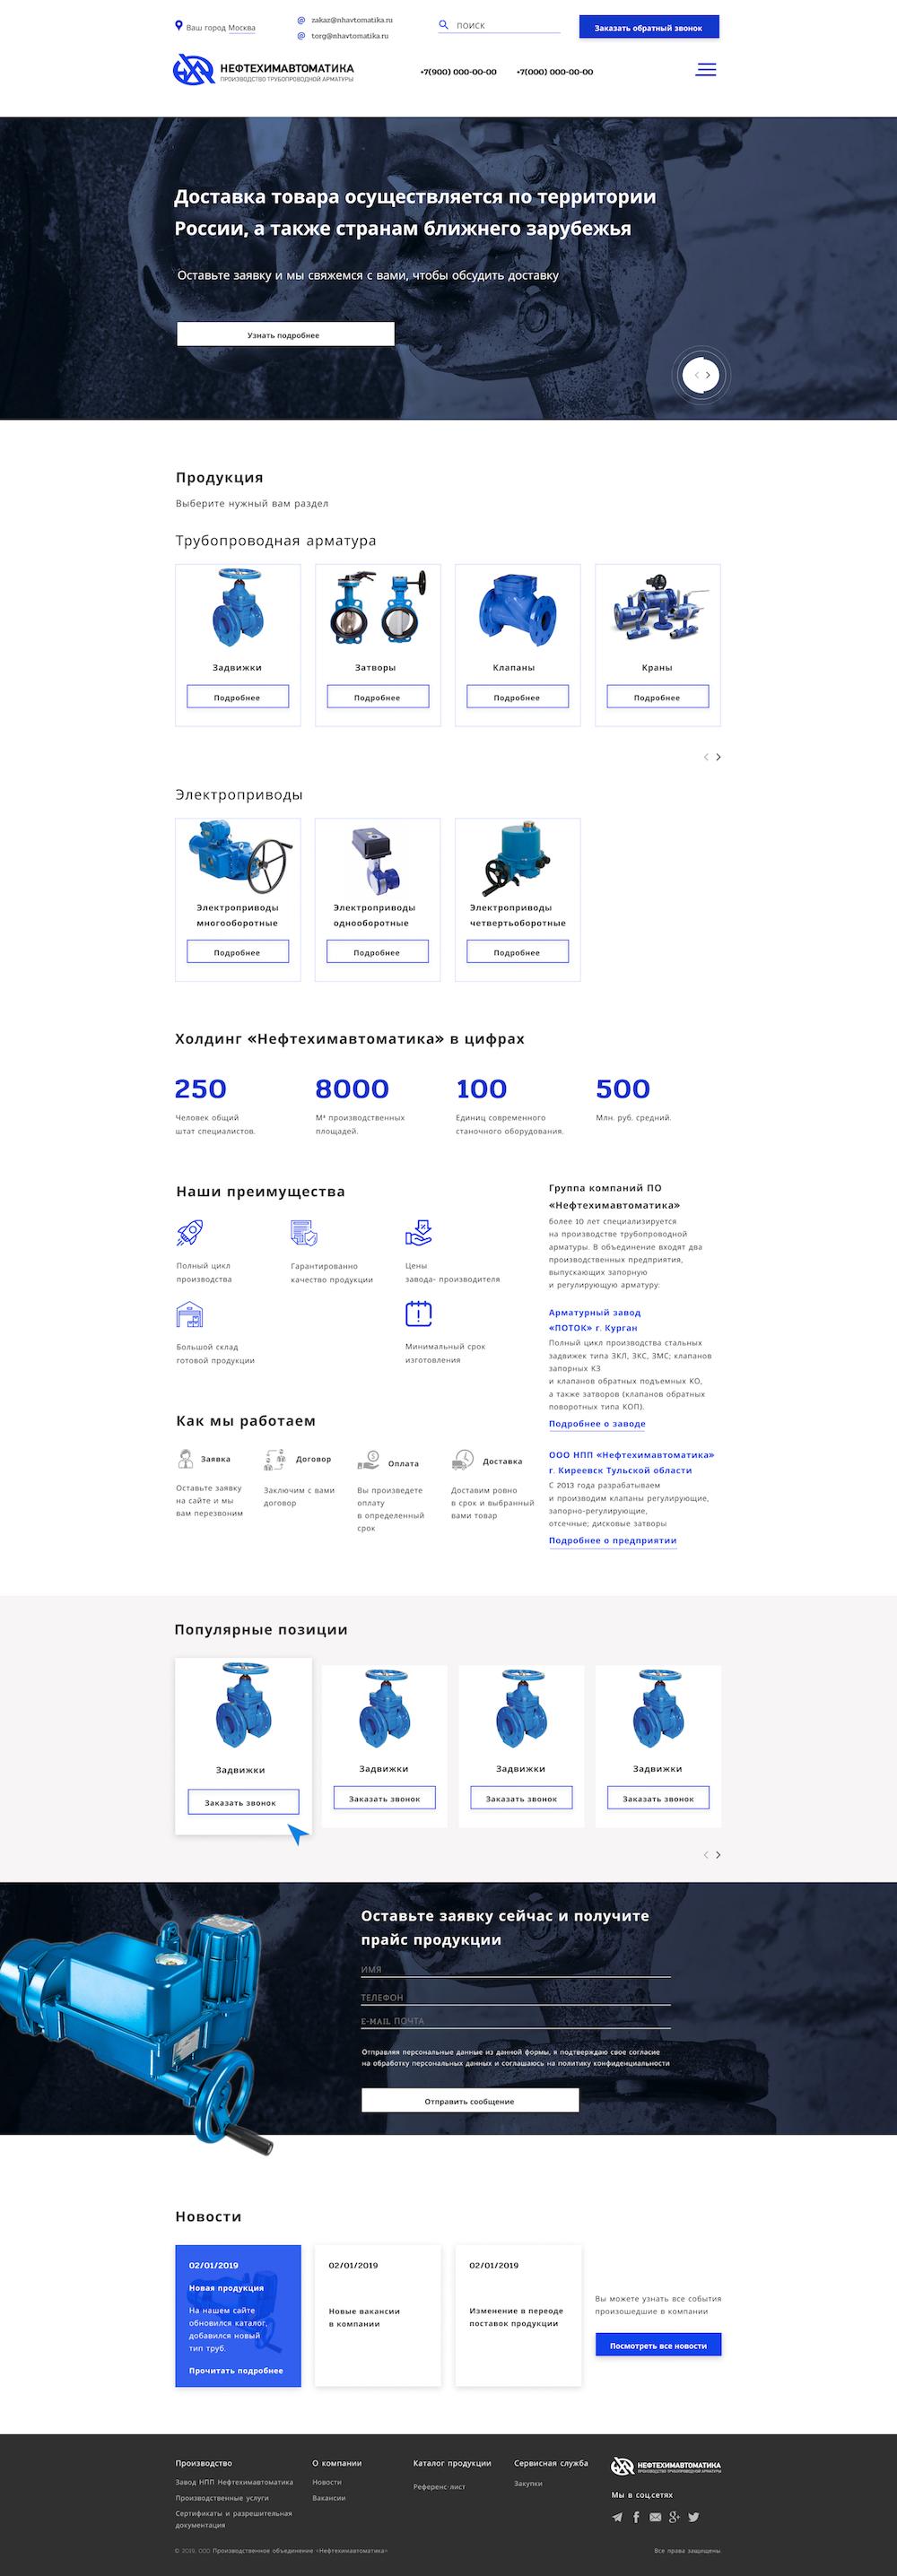 Внимание, конкурс для дизайнеров веб-сайтов! фото f_1935c5d719d48b33.jpg